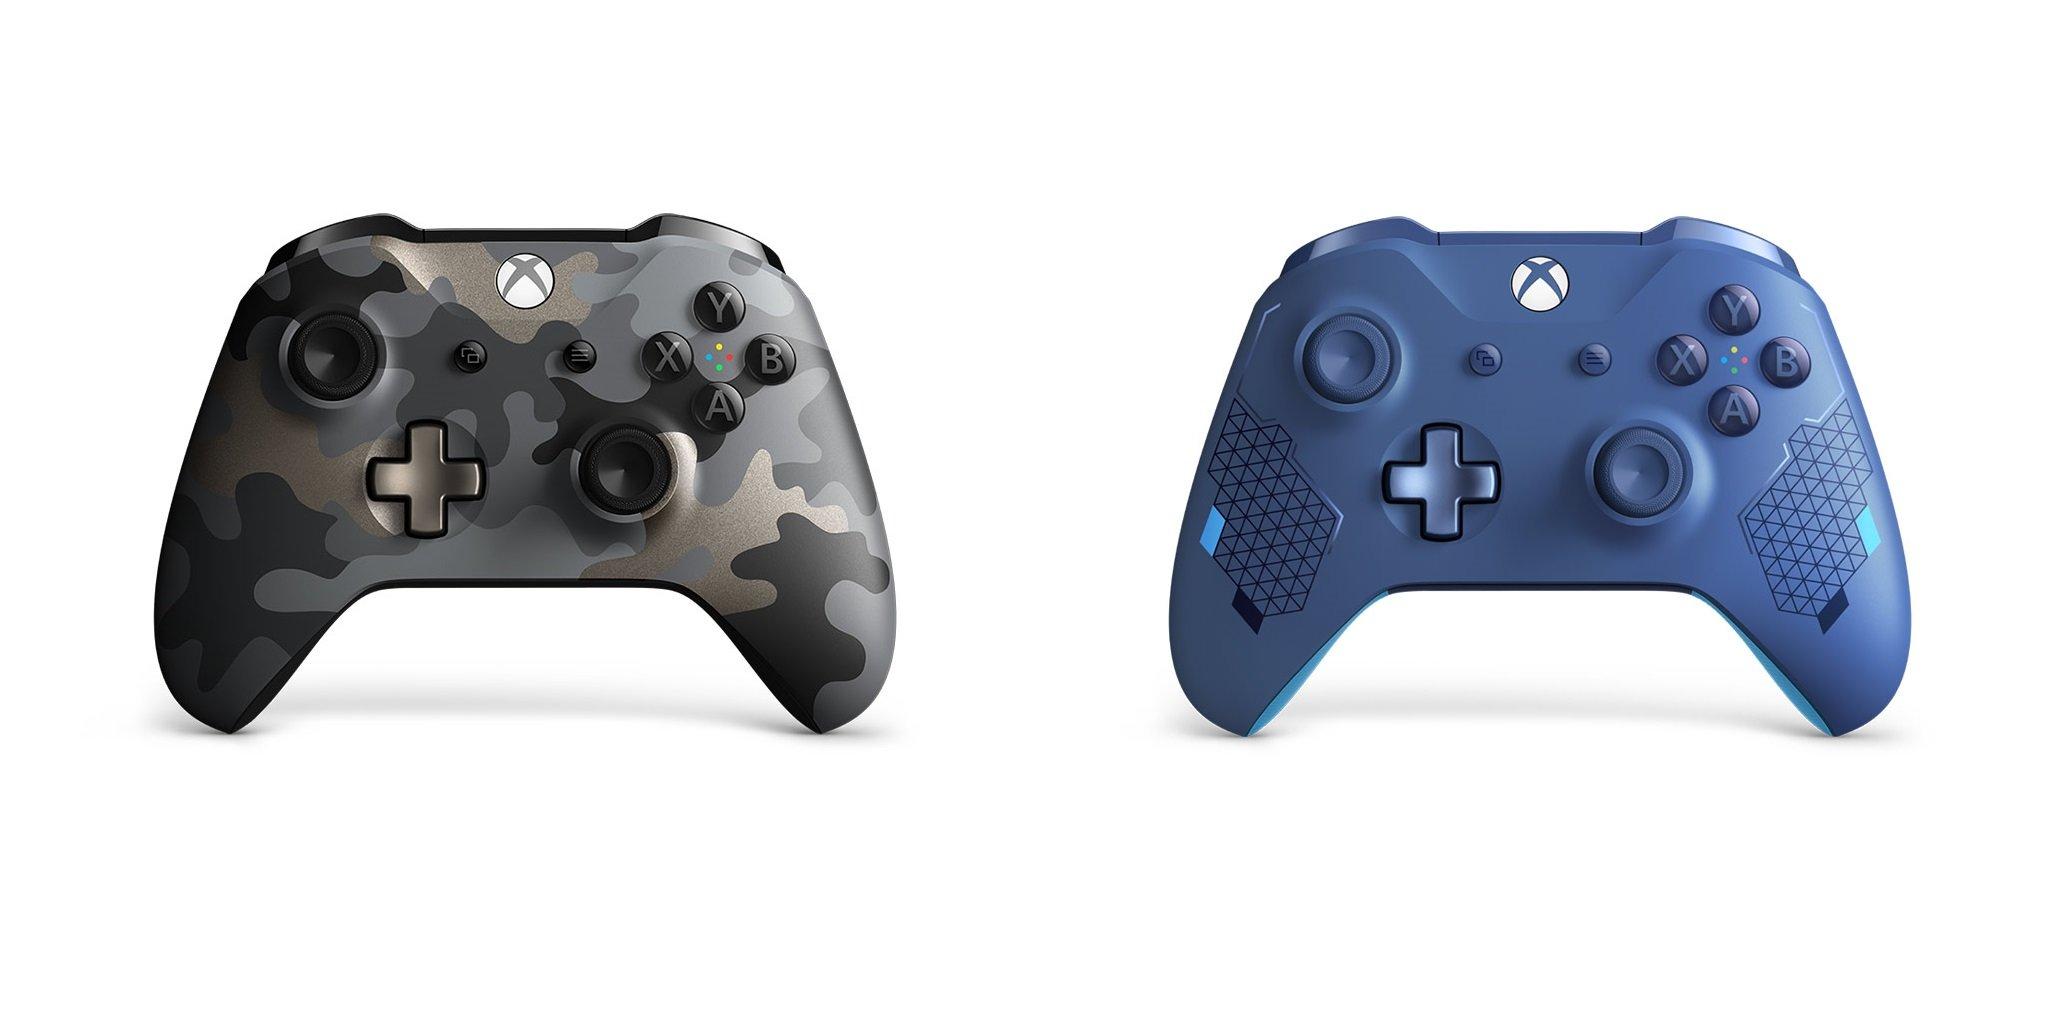 Deux nouvelles couleurs de manette Xbox annoncées